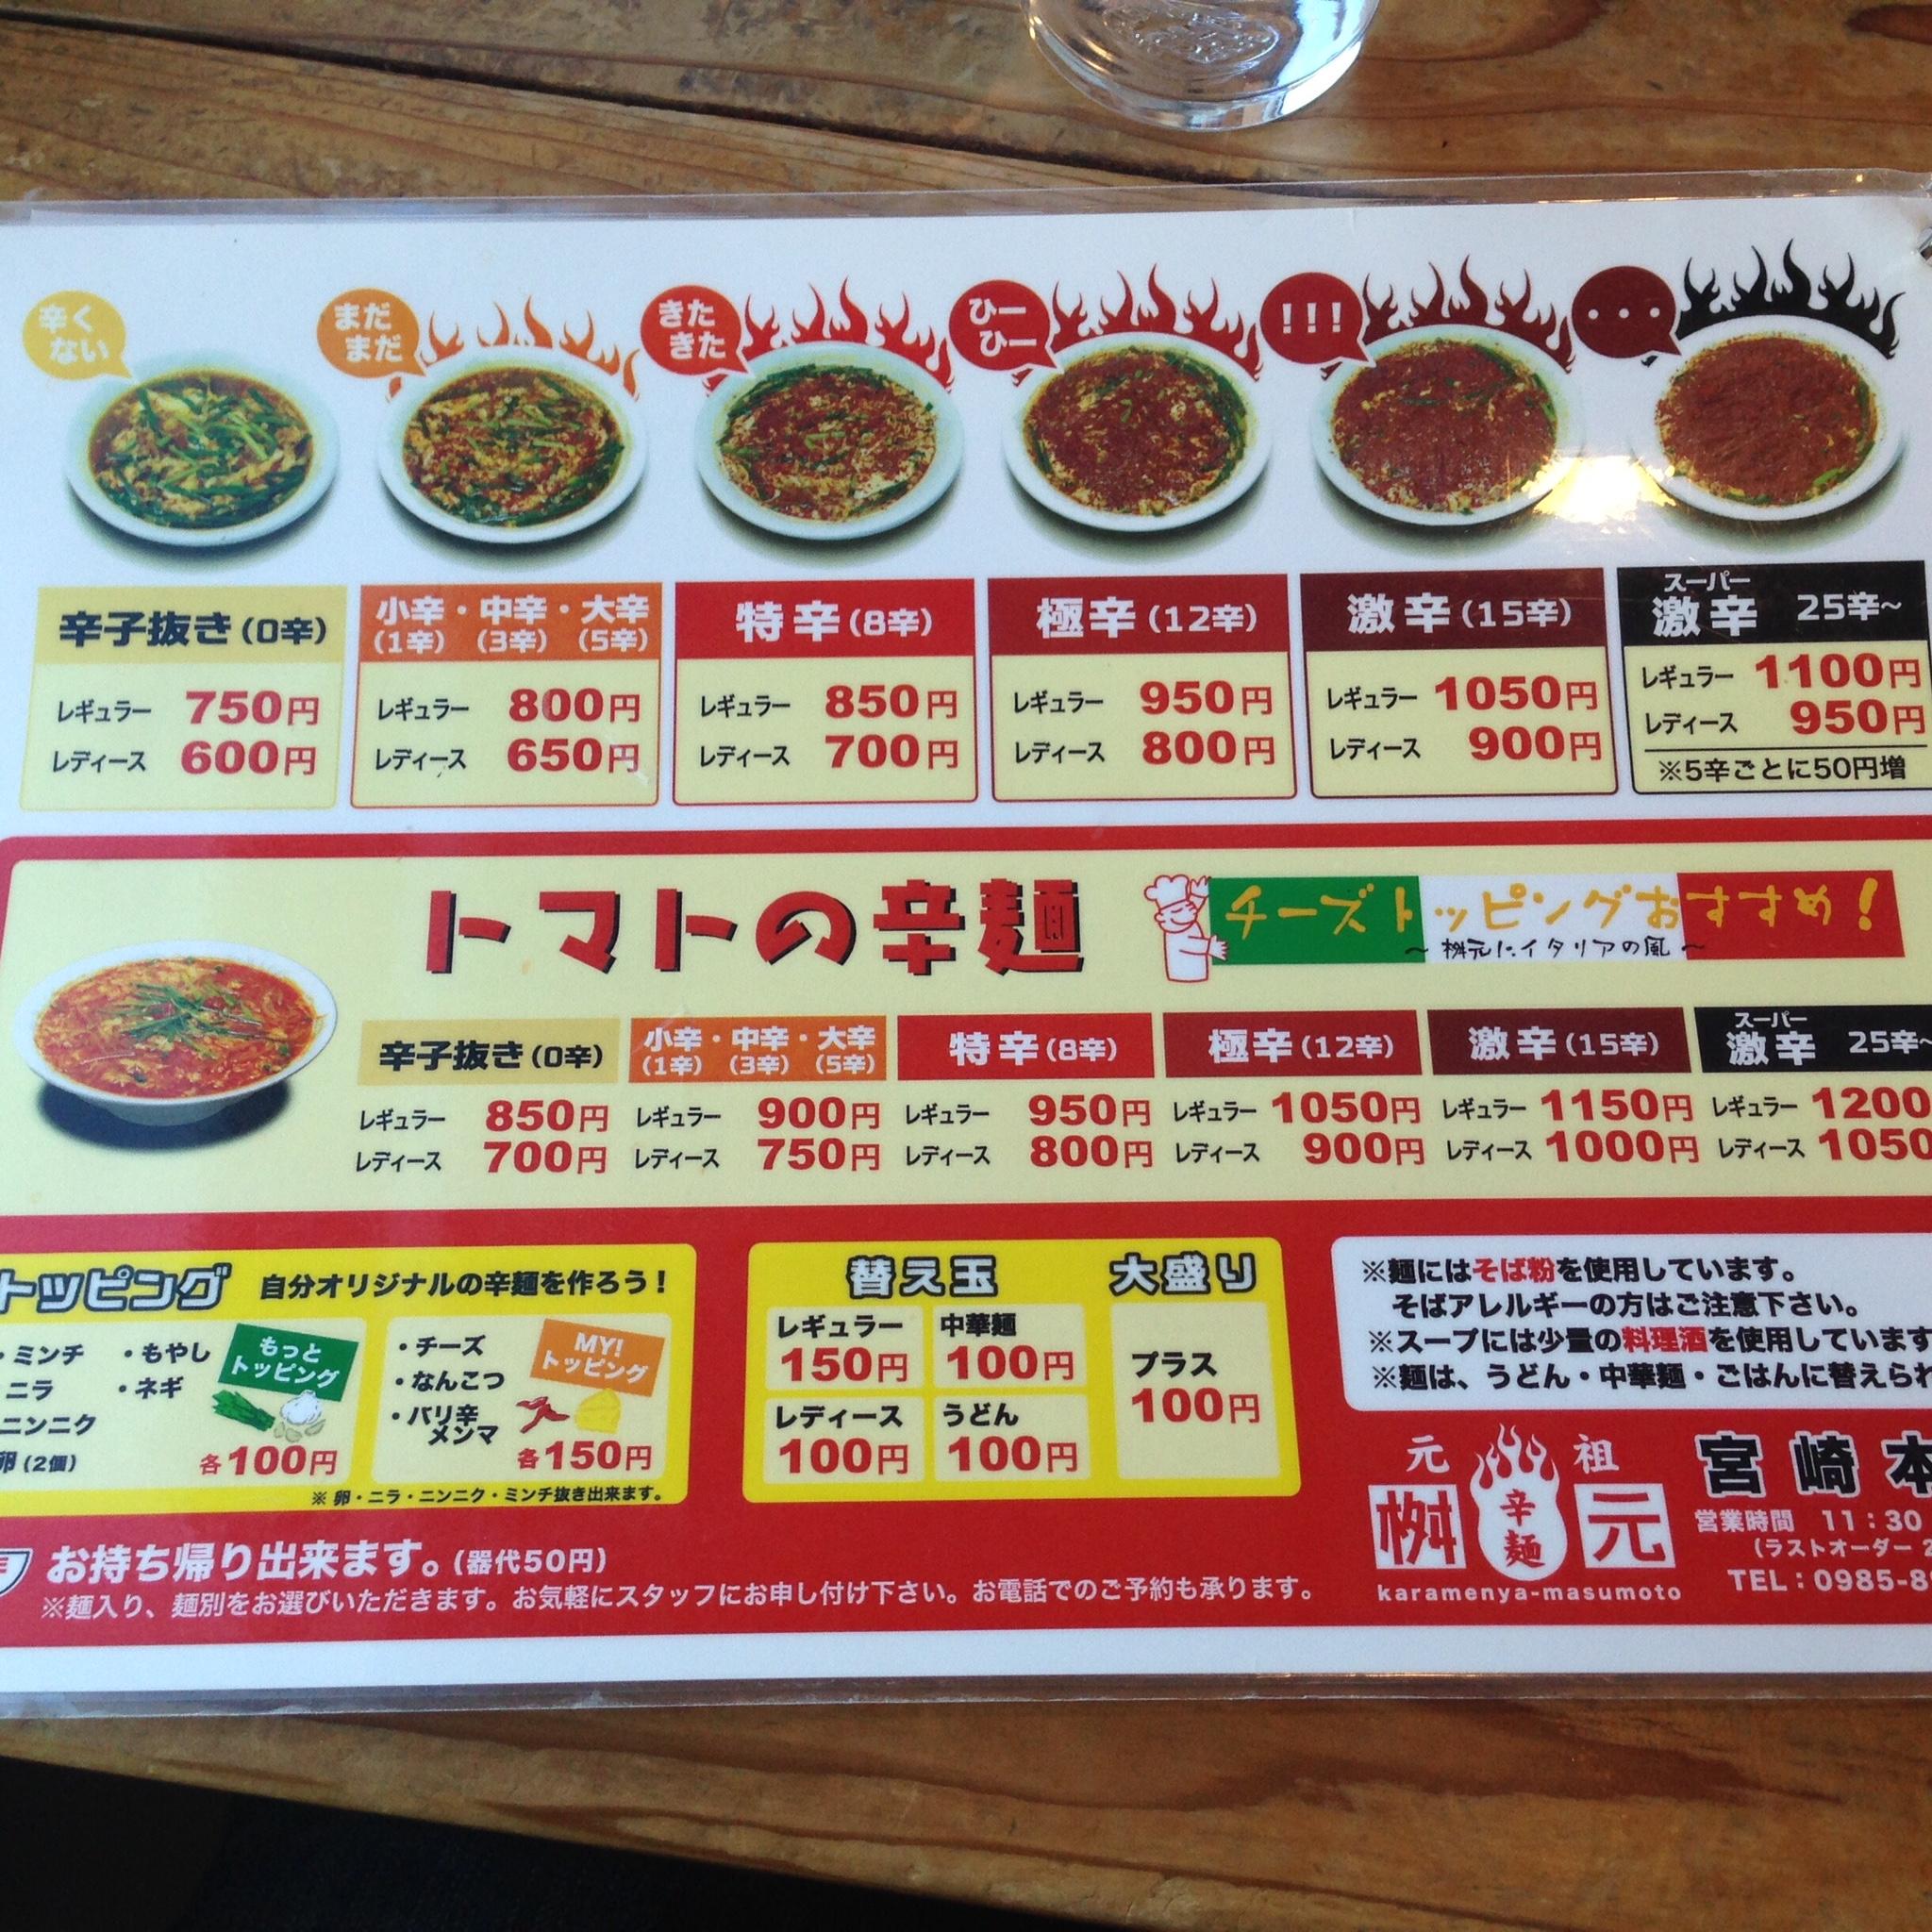 辛麺屋 枡元 宮崎店のメニュー